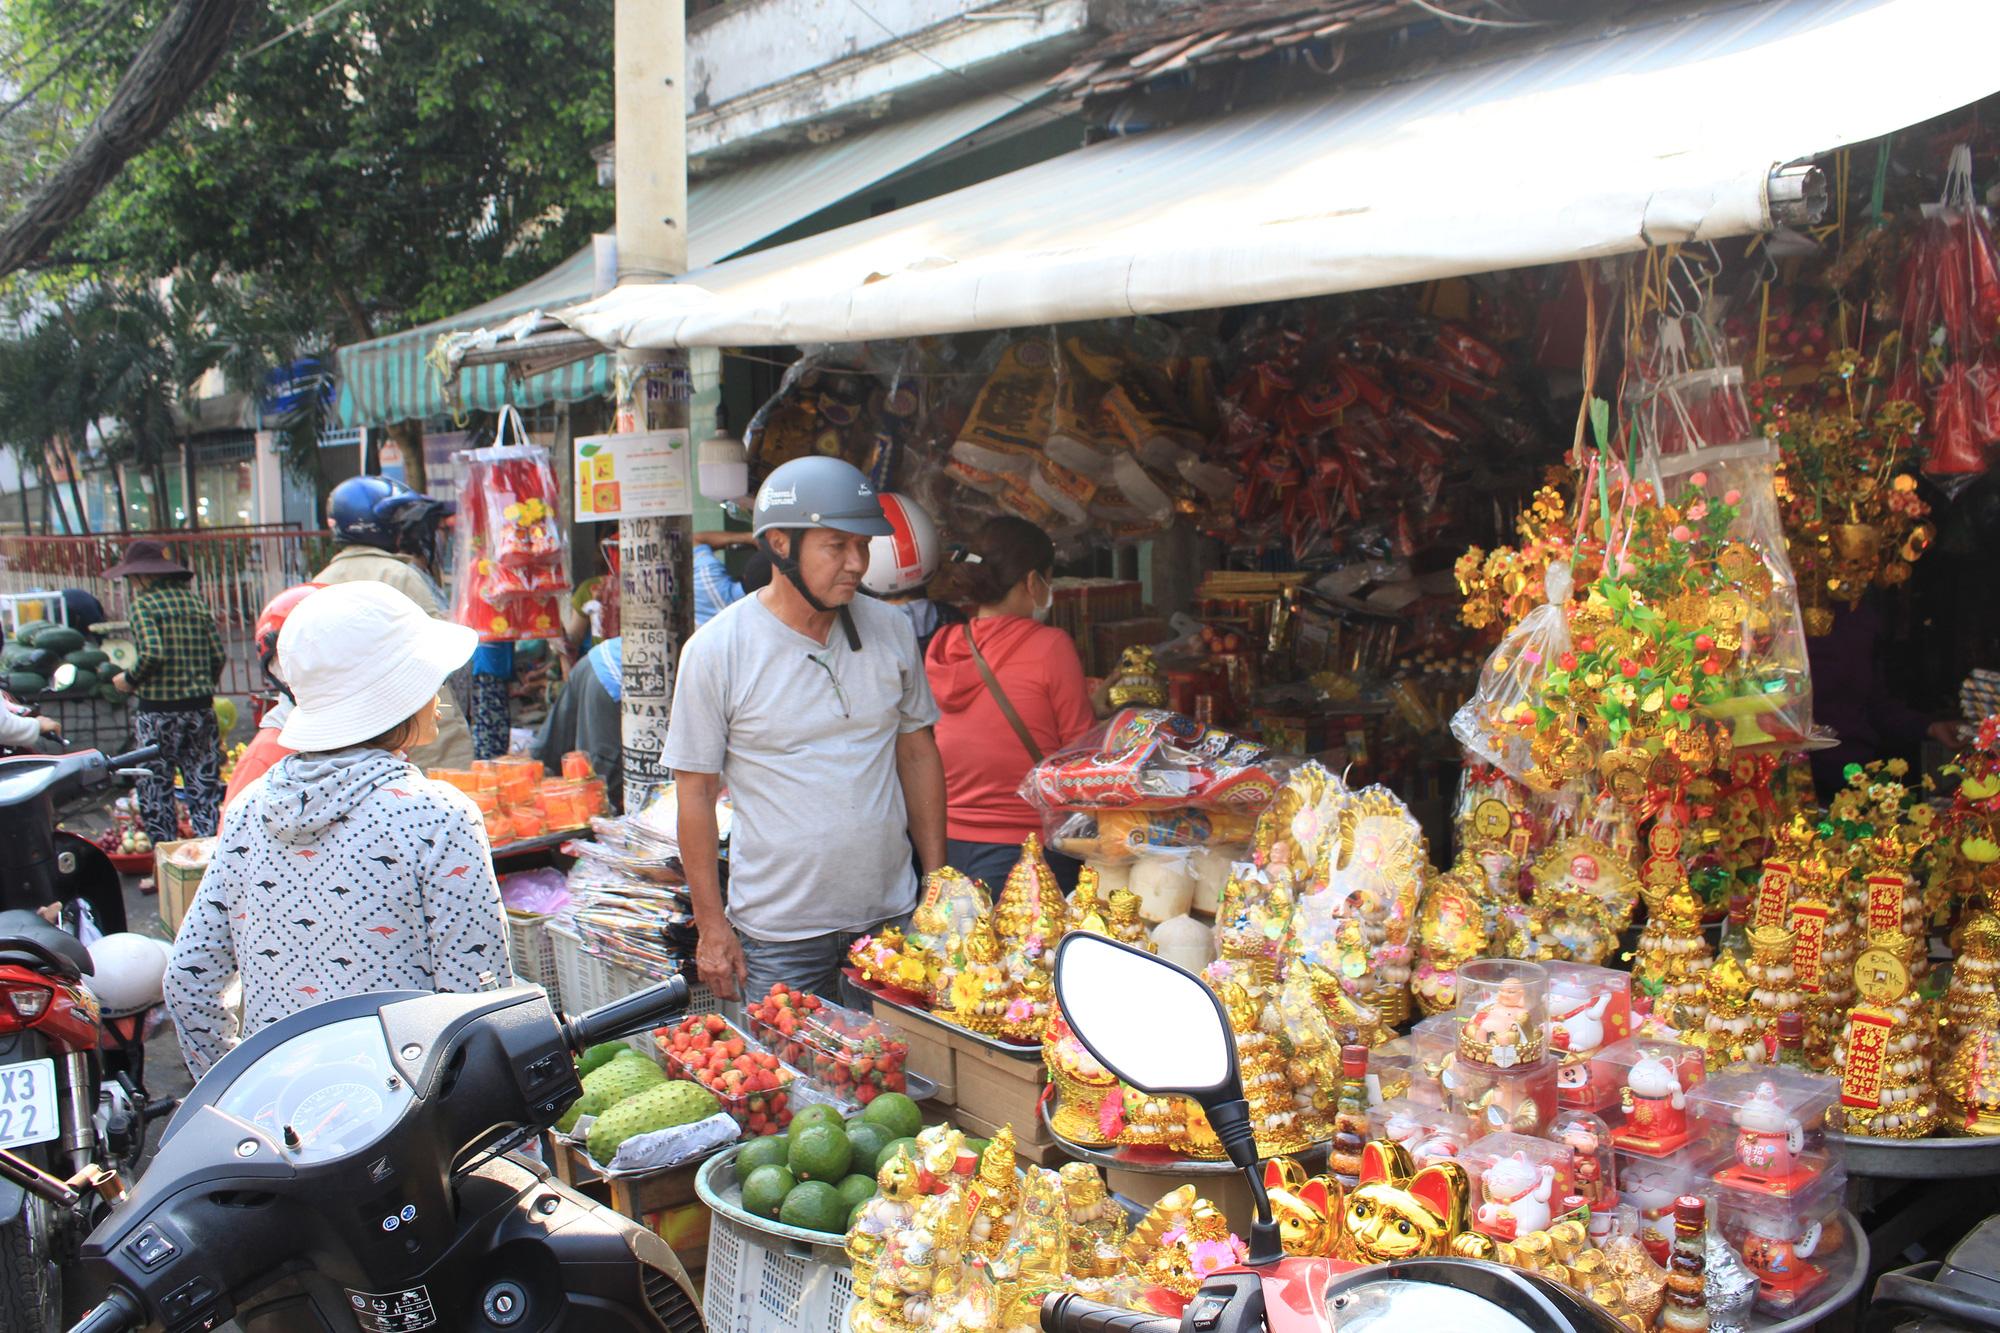 Người Sài Gòn tranh thủ sắm đồ cúng ông Công, ông Táo: Vàng mã hốt bạc, cá chép đìu hiu - Ảnh 1.